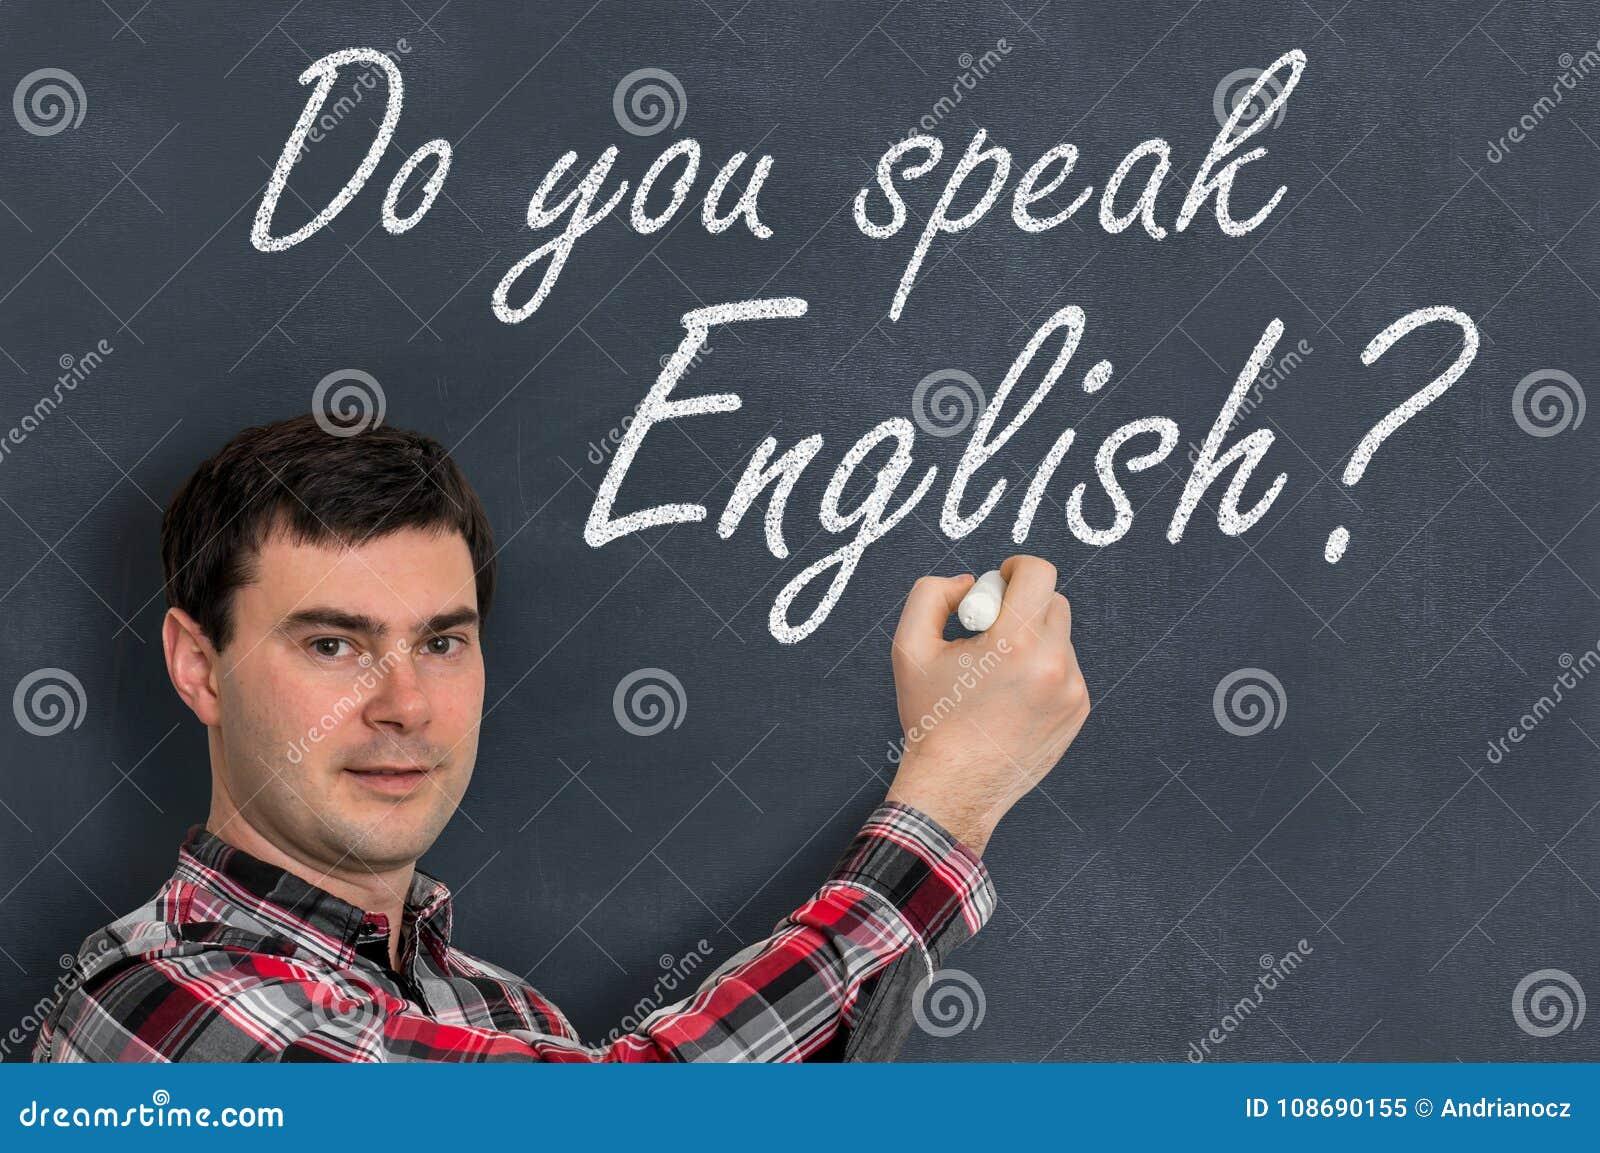 Sprechen Sie Englisch? Mann mit Kreideschreiben auf Tafel